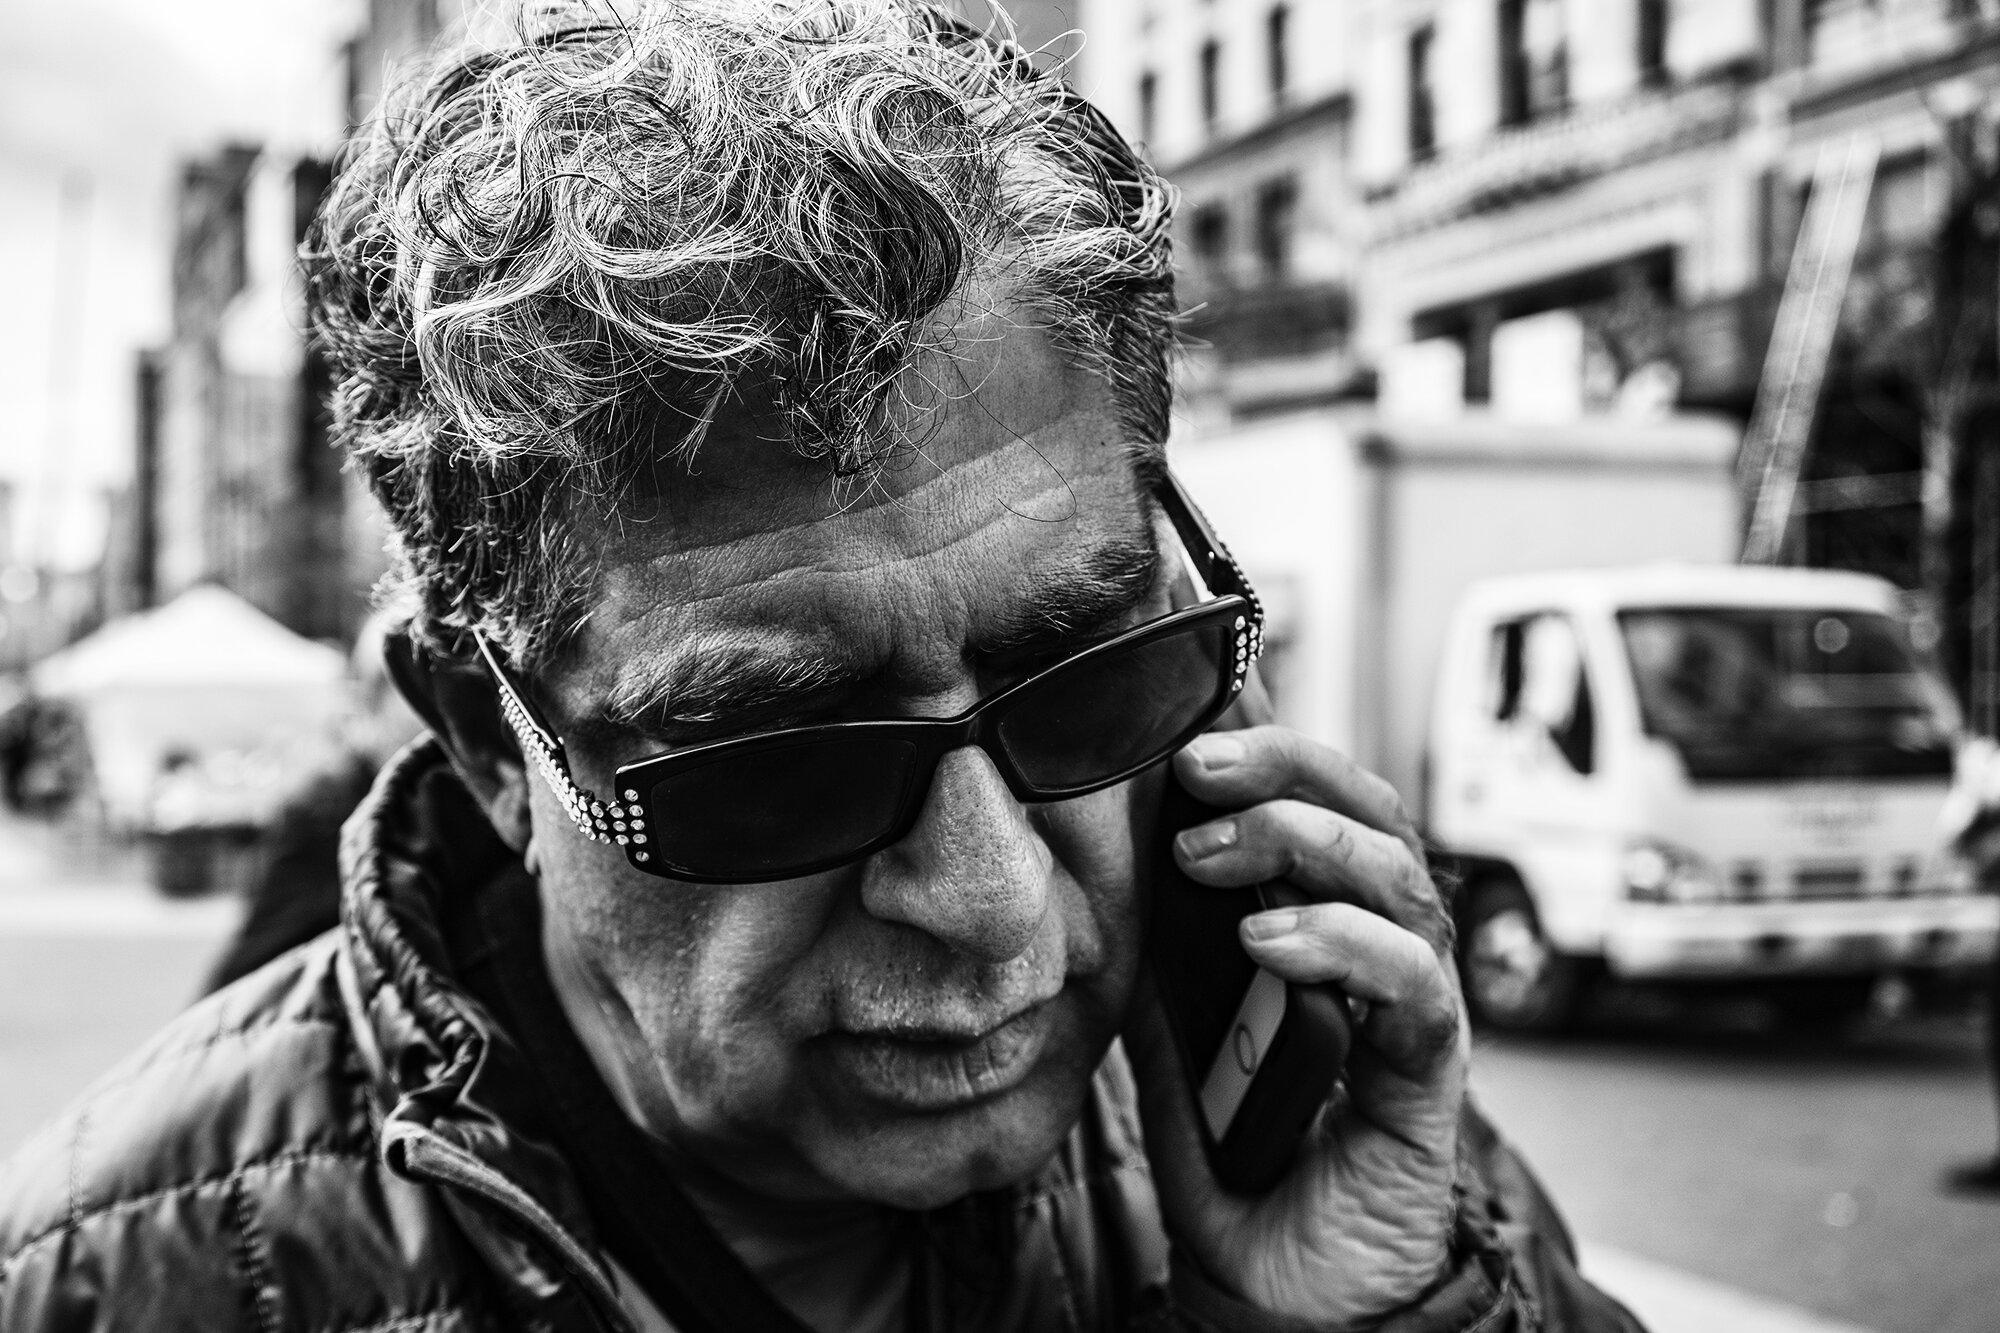 D_Chopra_LOOK_13_on_street-179crp.jpg